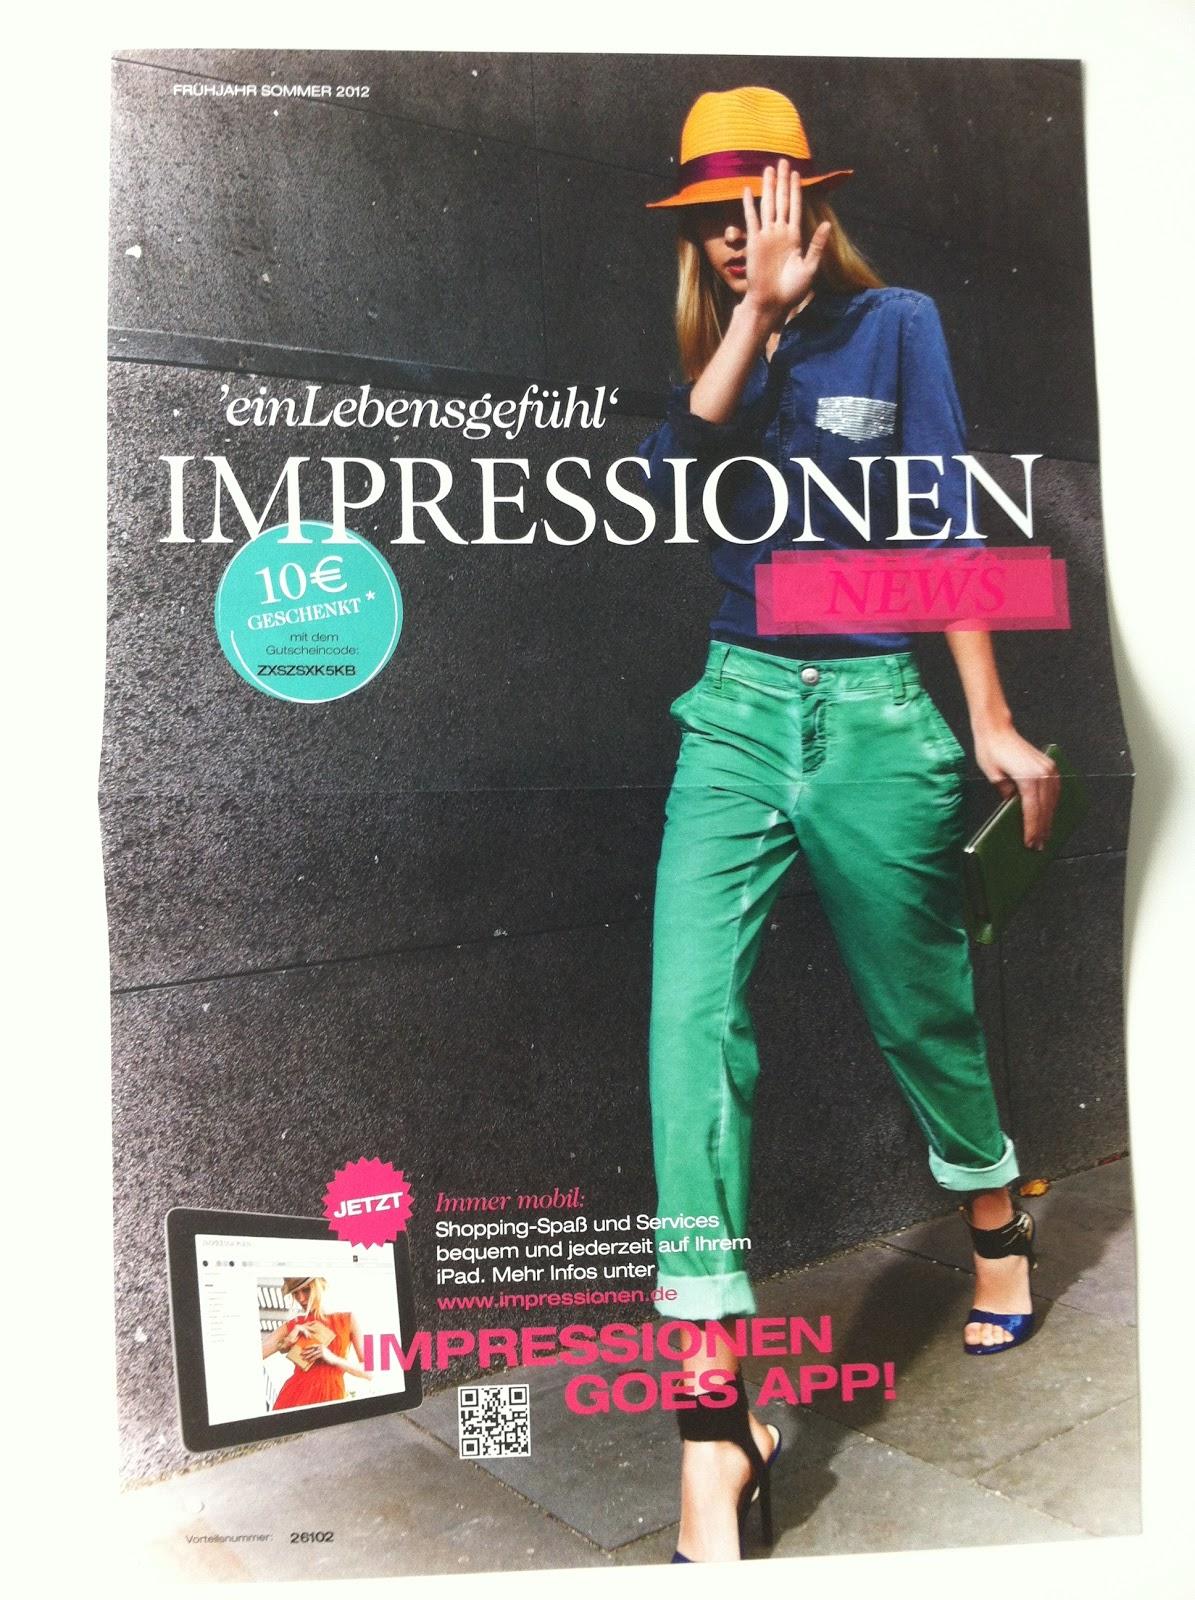 Lovely Blogging Impressionen Versand Nutzerfreundliche Social